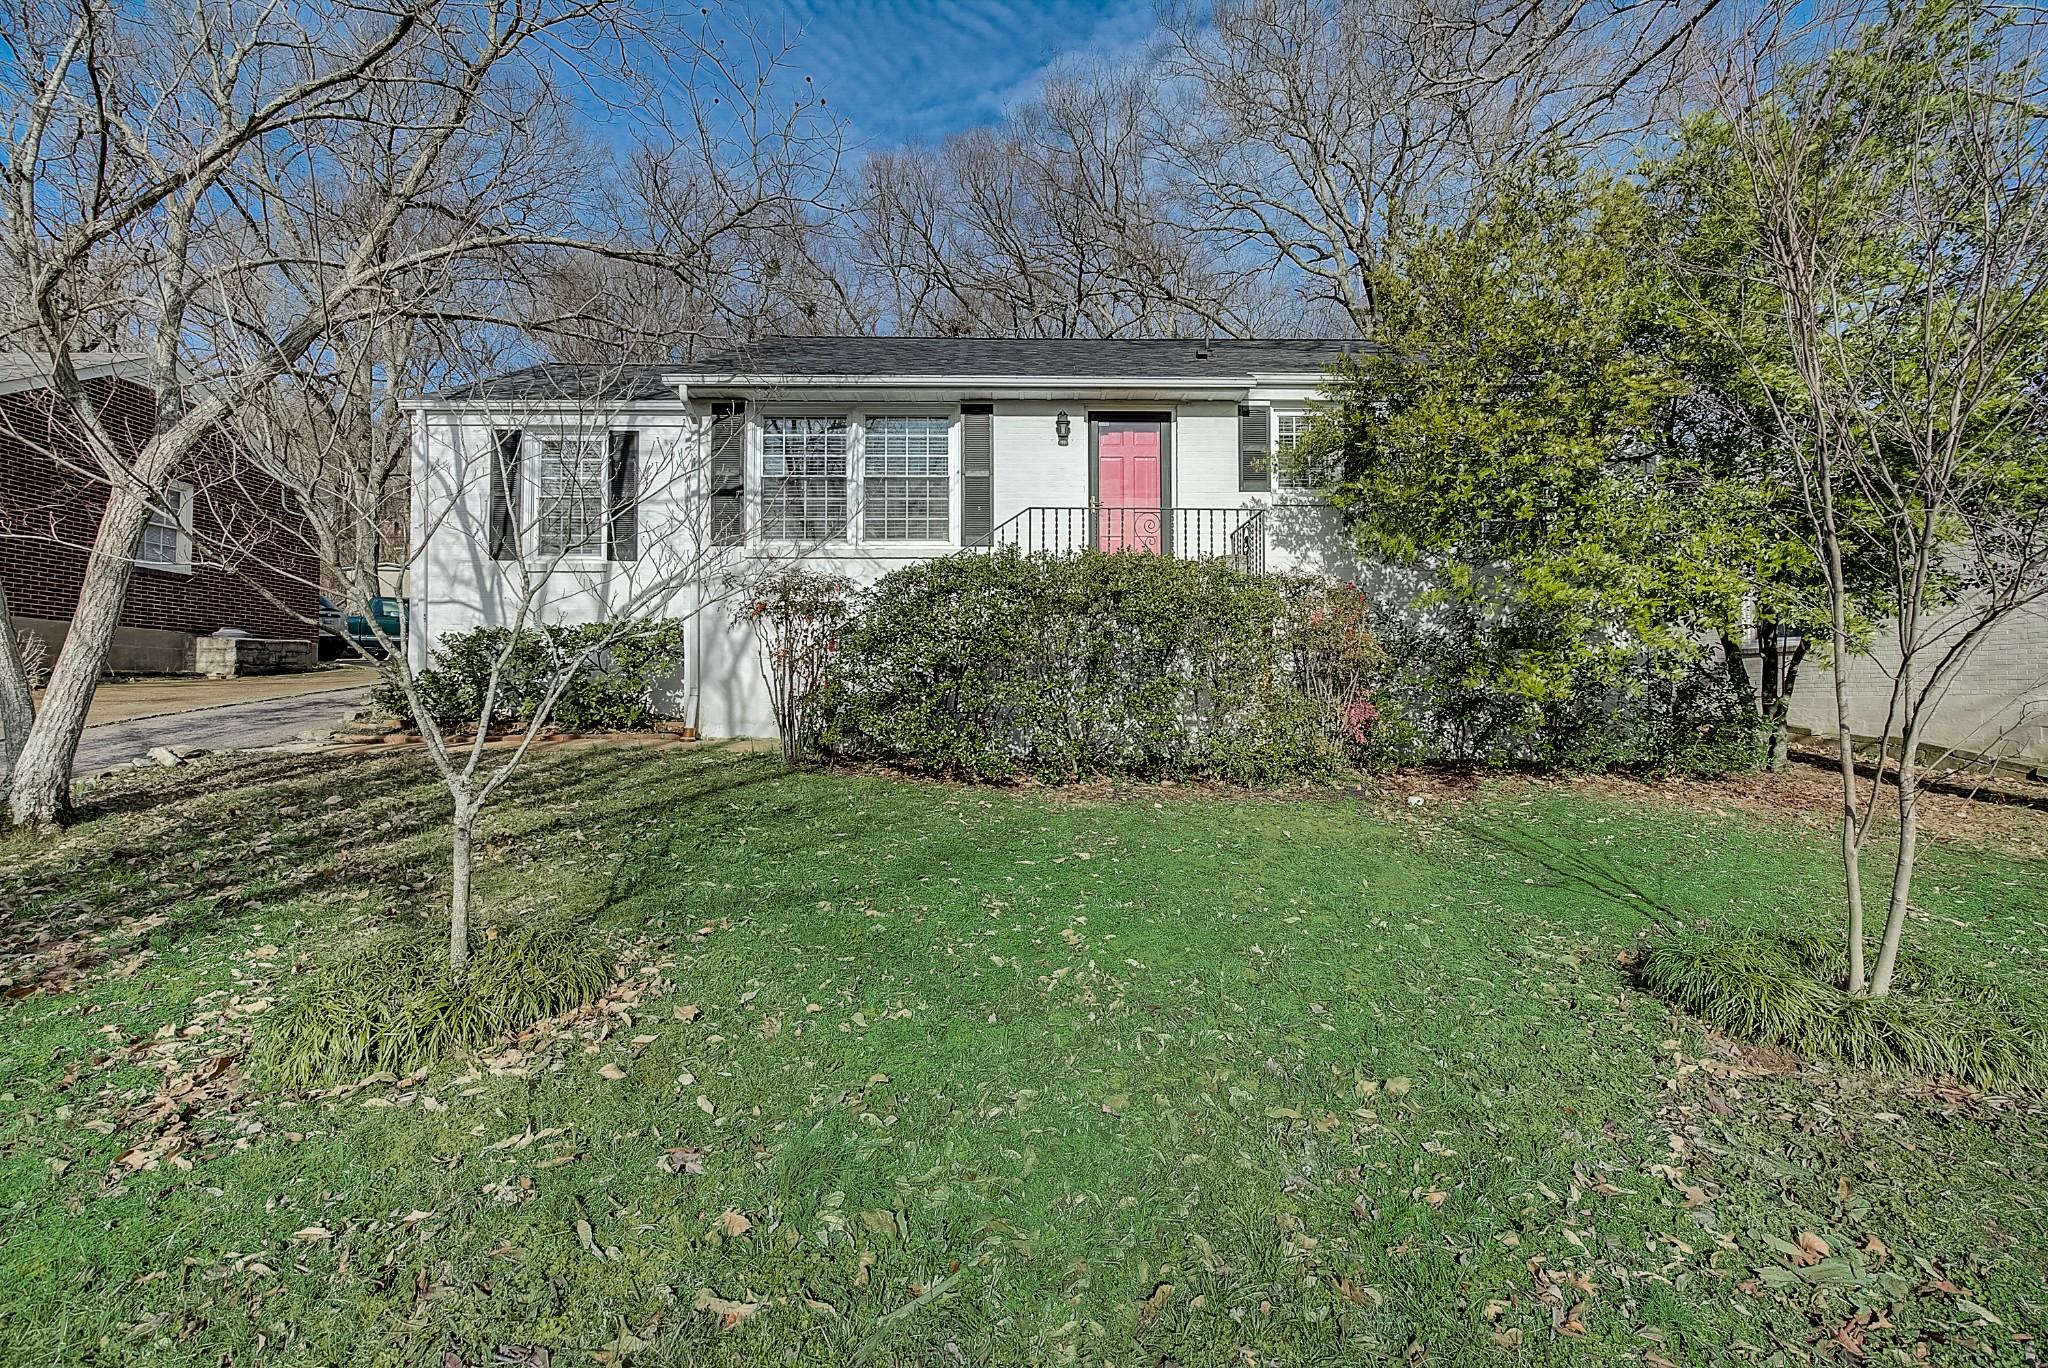 727 Kendall Dr, Nashville, TN 37209 - Nashville, TN real estate listing